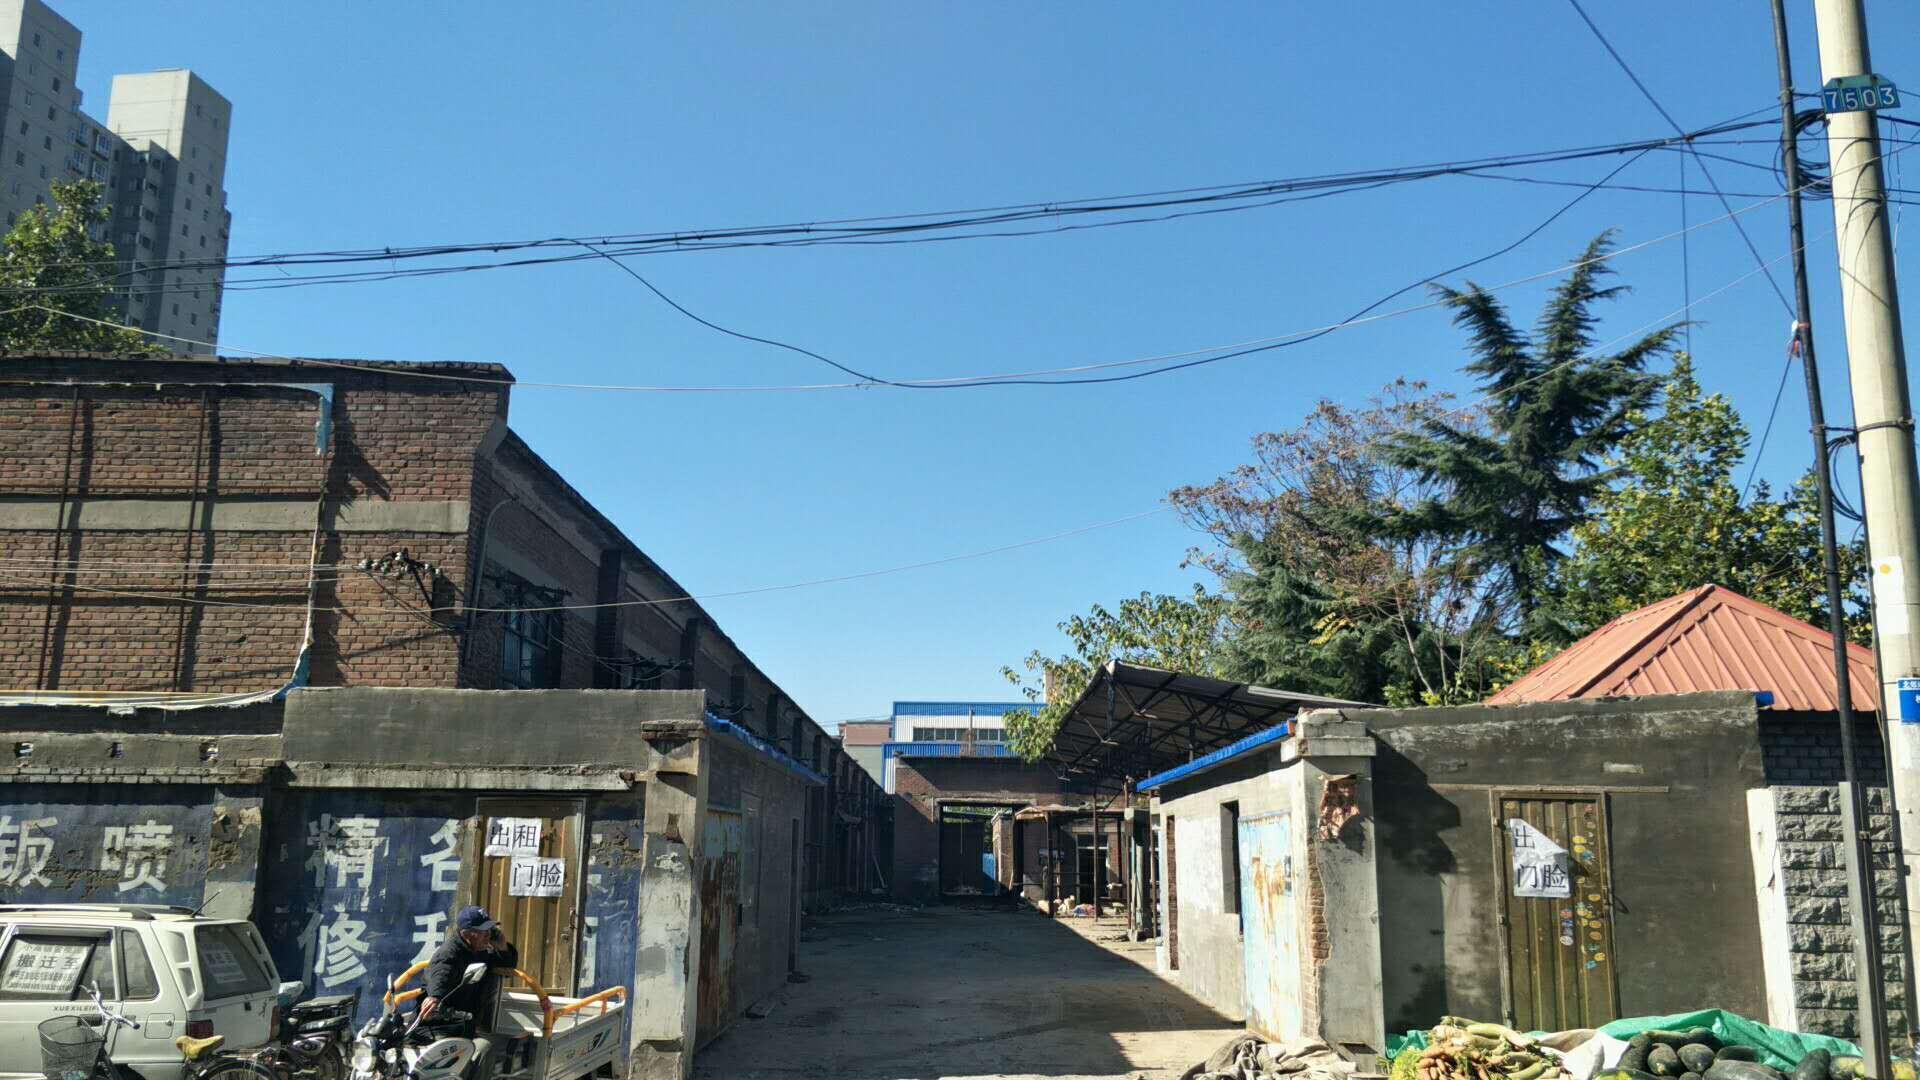 原汇鑫汽修厂700平米,经营15年,从新装修便宜出租